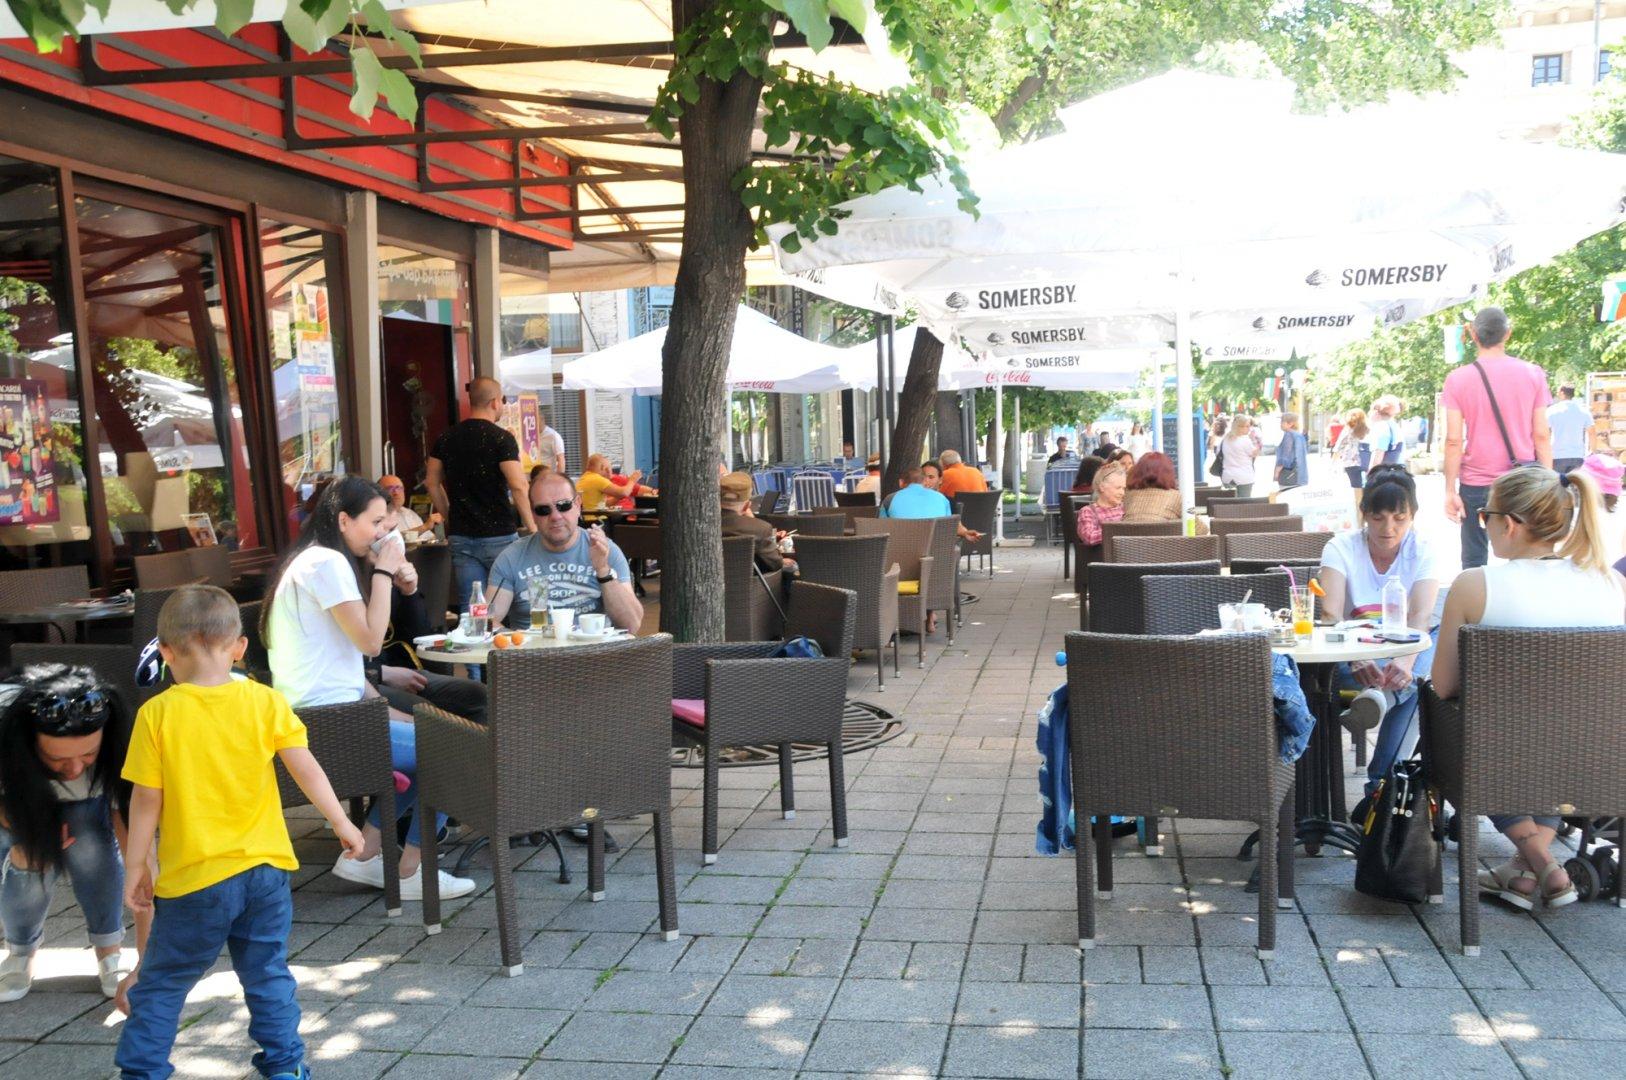 Към заведенията в Бургас има повече интерес в сравнение със секционните комисии. Снимки Лина Главинова